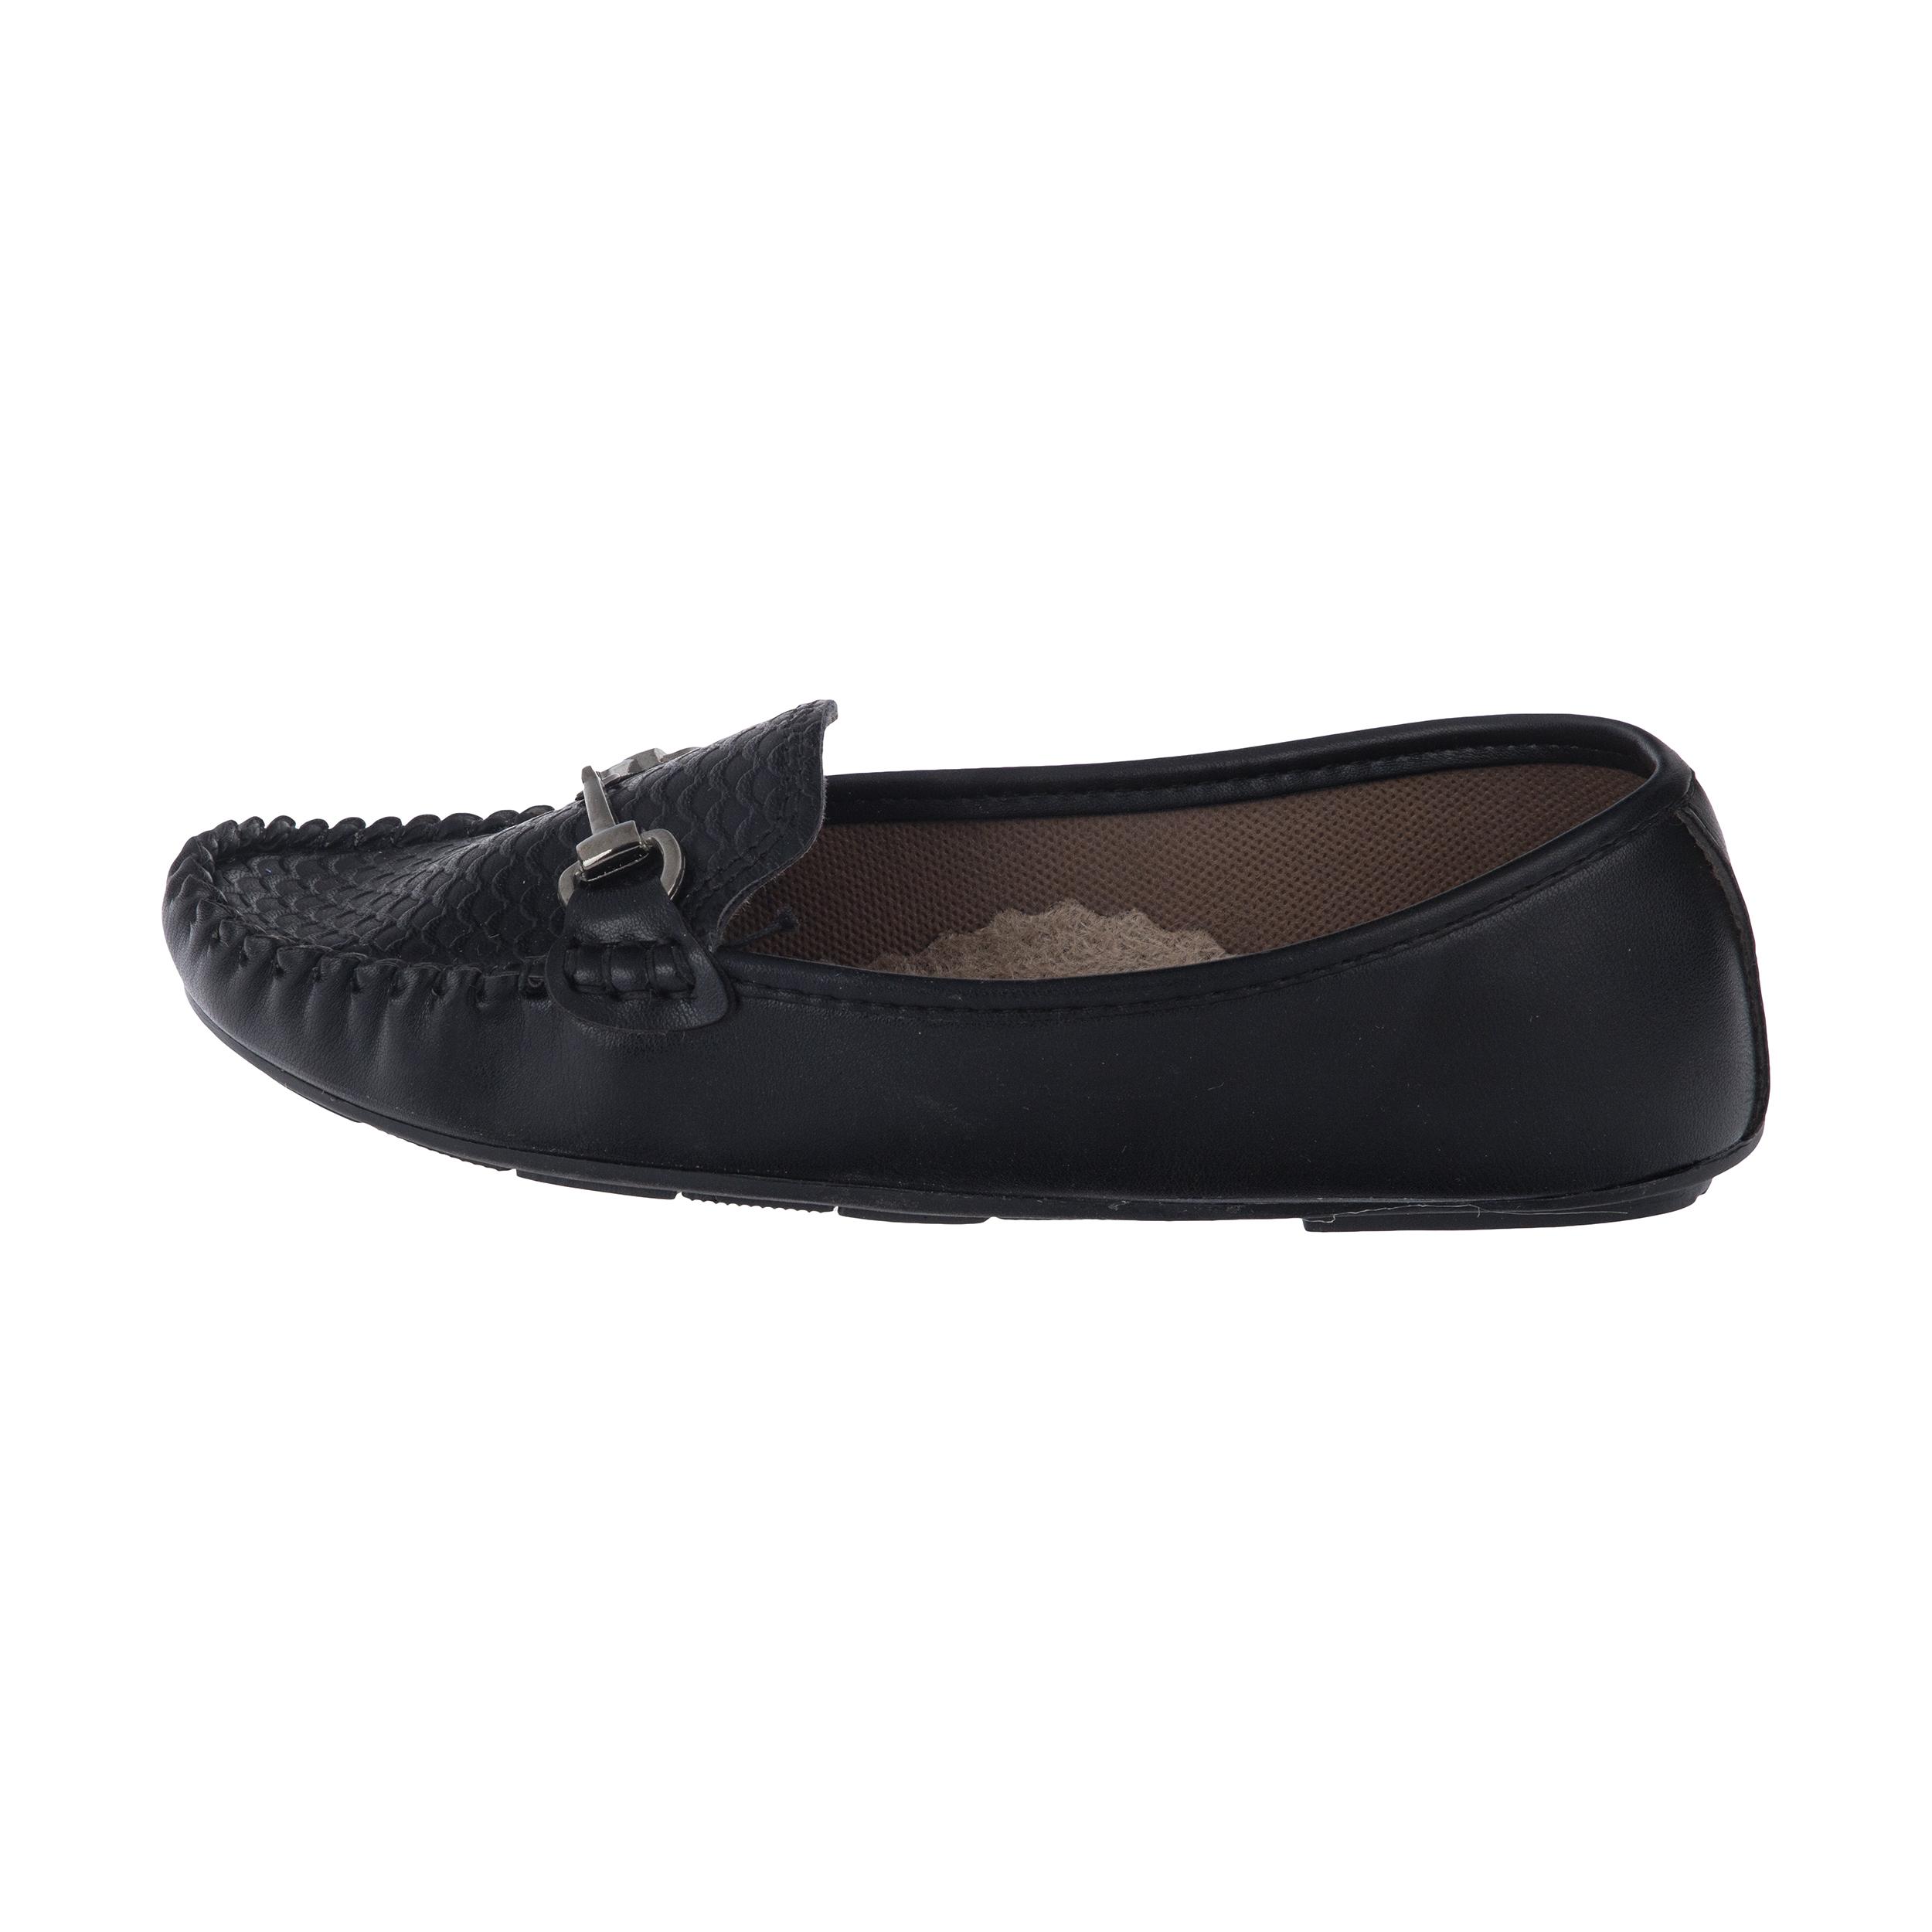 کفش تخت زنانه لبتو مدل 1097-99